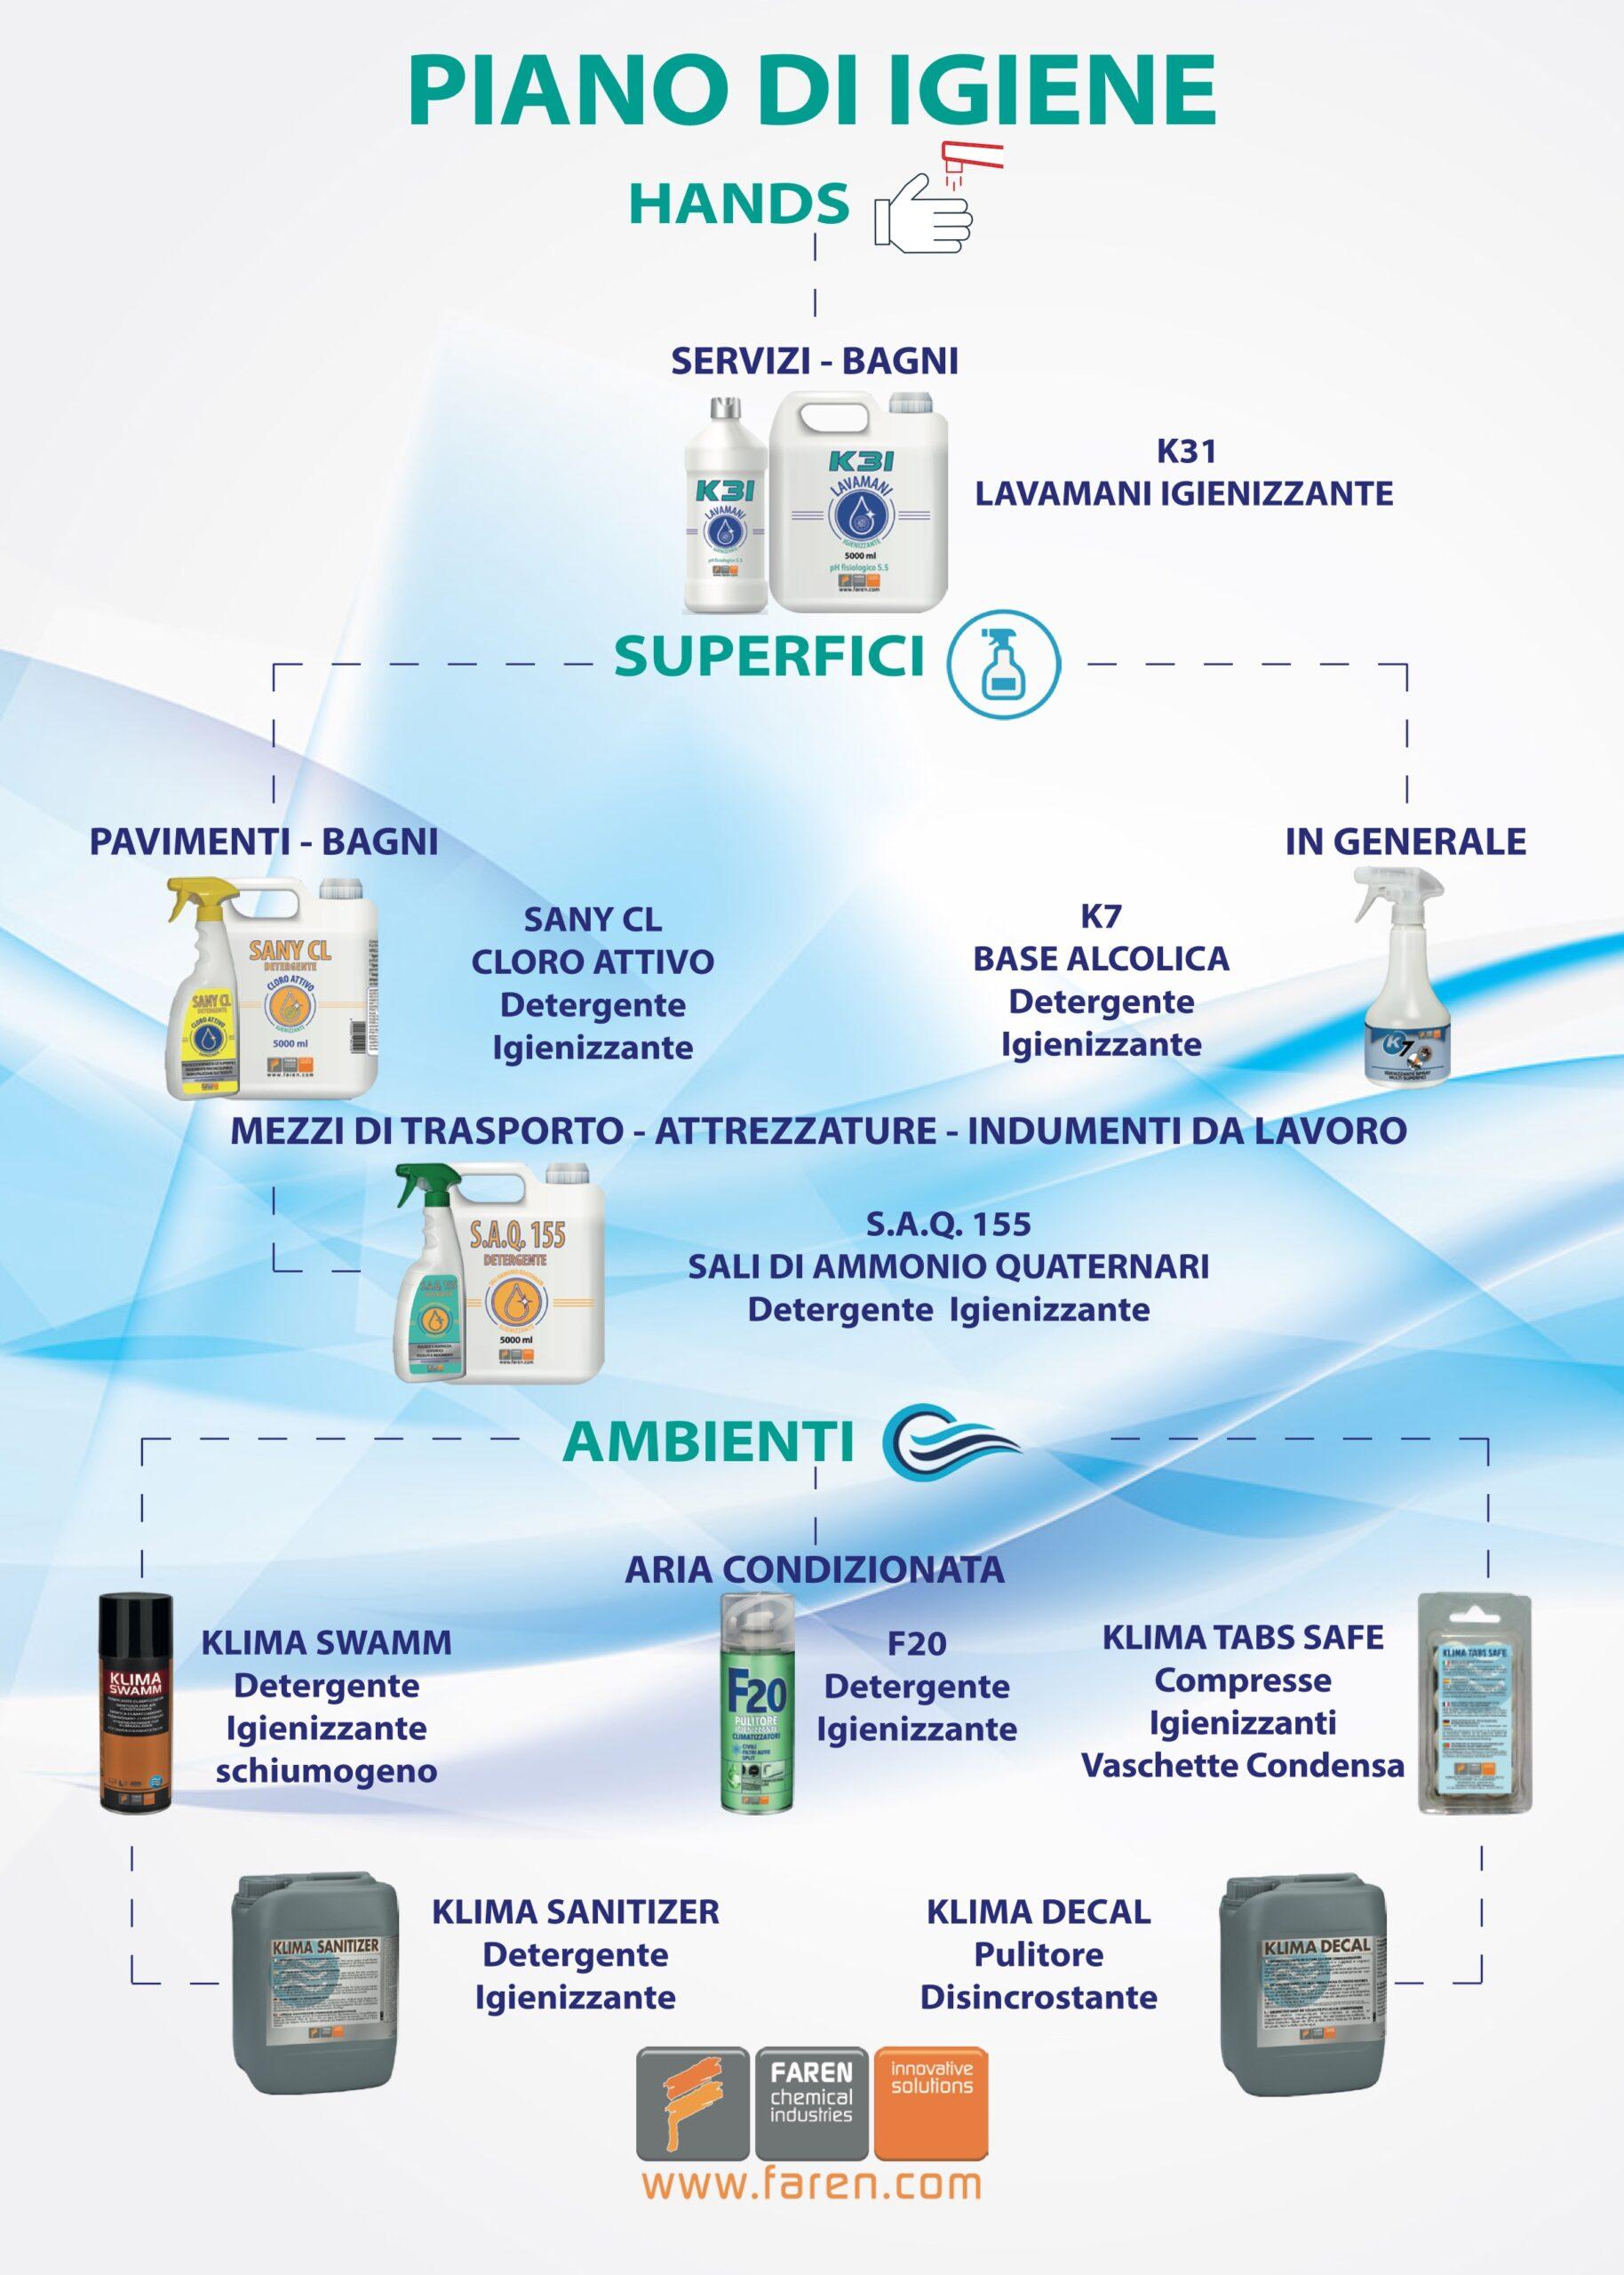 Piani di Igiene